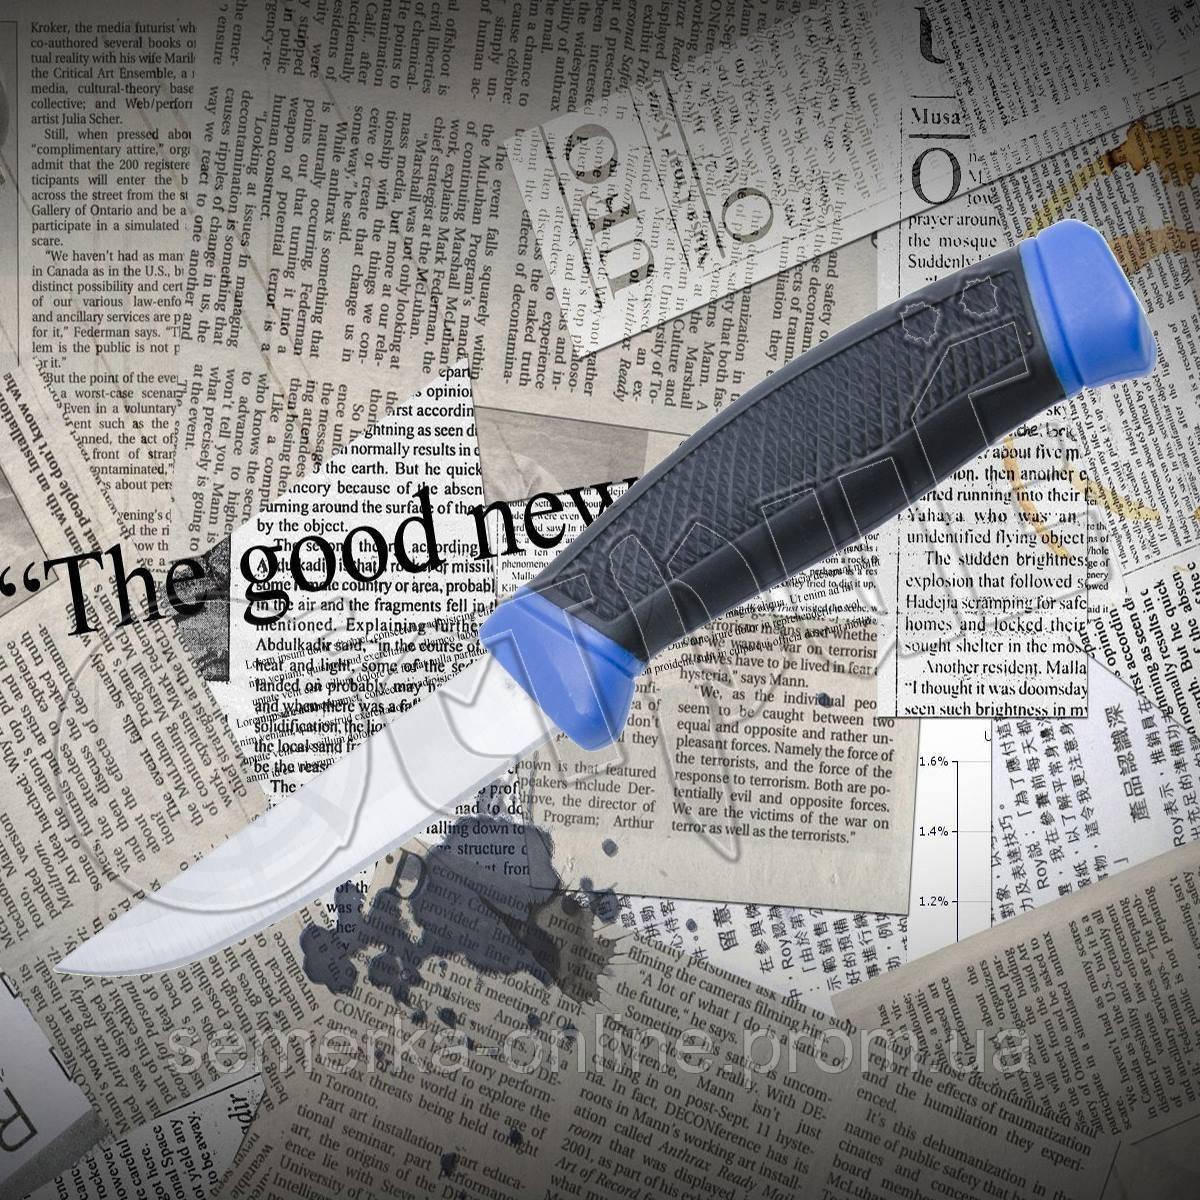 Нож для дайвинга А 201 из нержавейки. Рукоять обрезинена. Пластиковый чехол в комплекте.